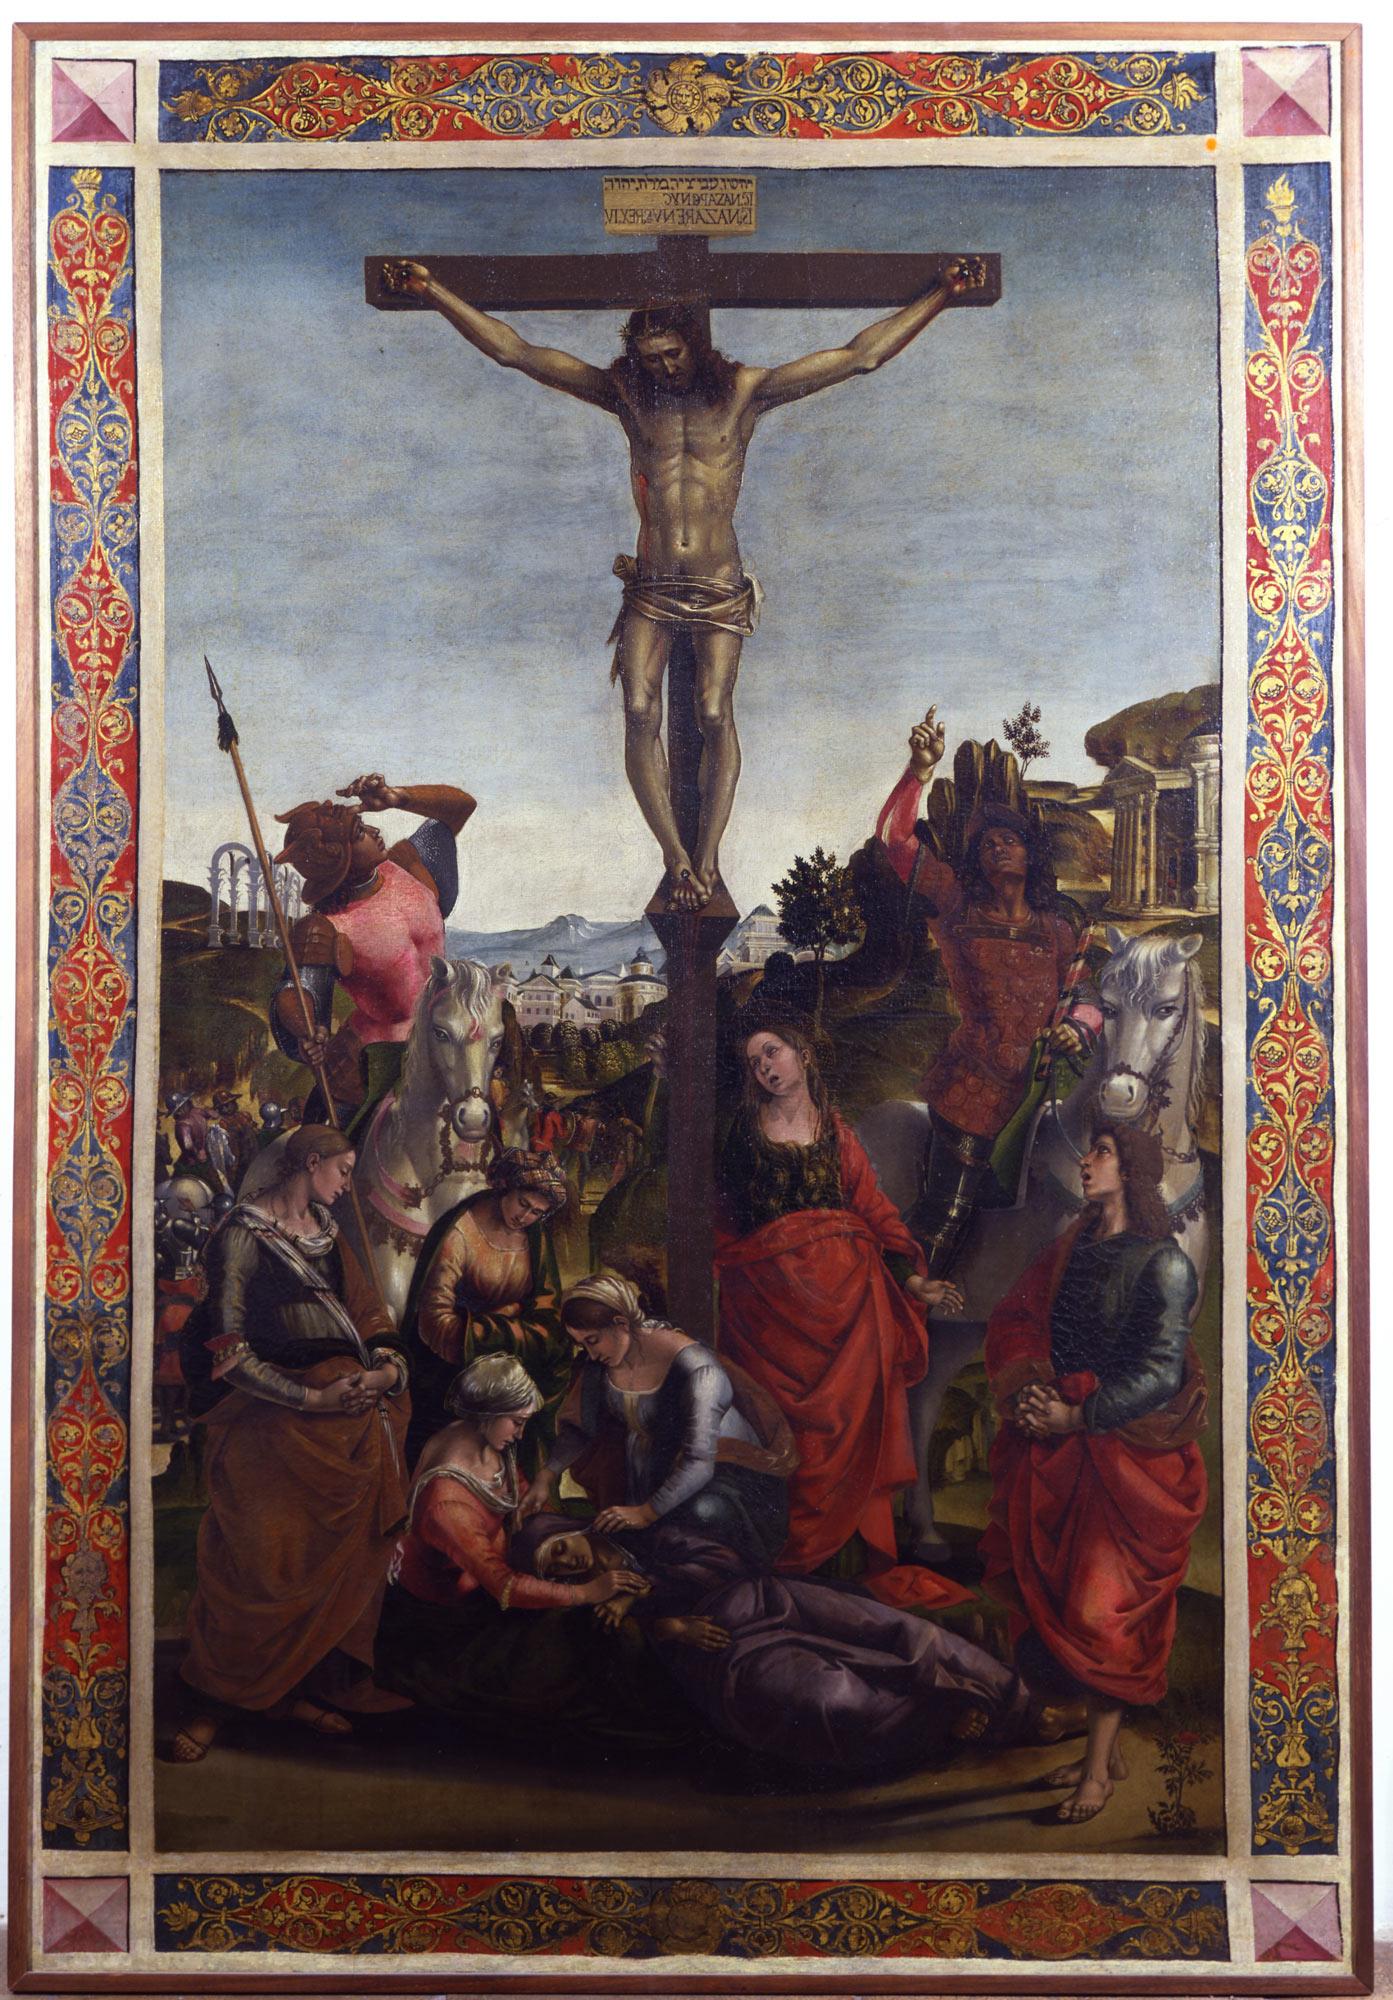 Luca Signorelli, Crocifissione (1494; olio su tela, 156 x 104 cm; Urbino, Galleria Nazionale delle Marche)